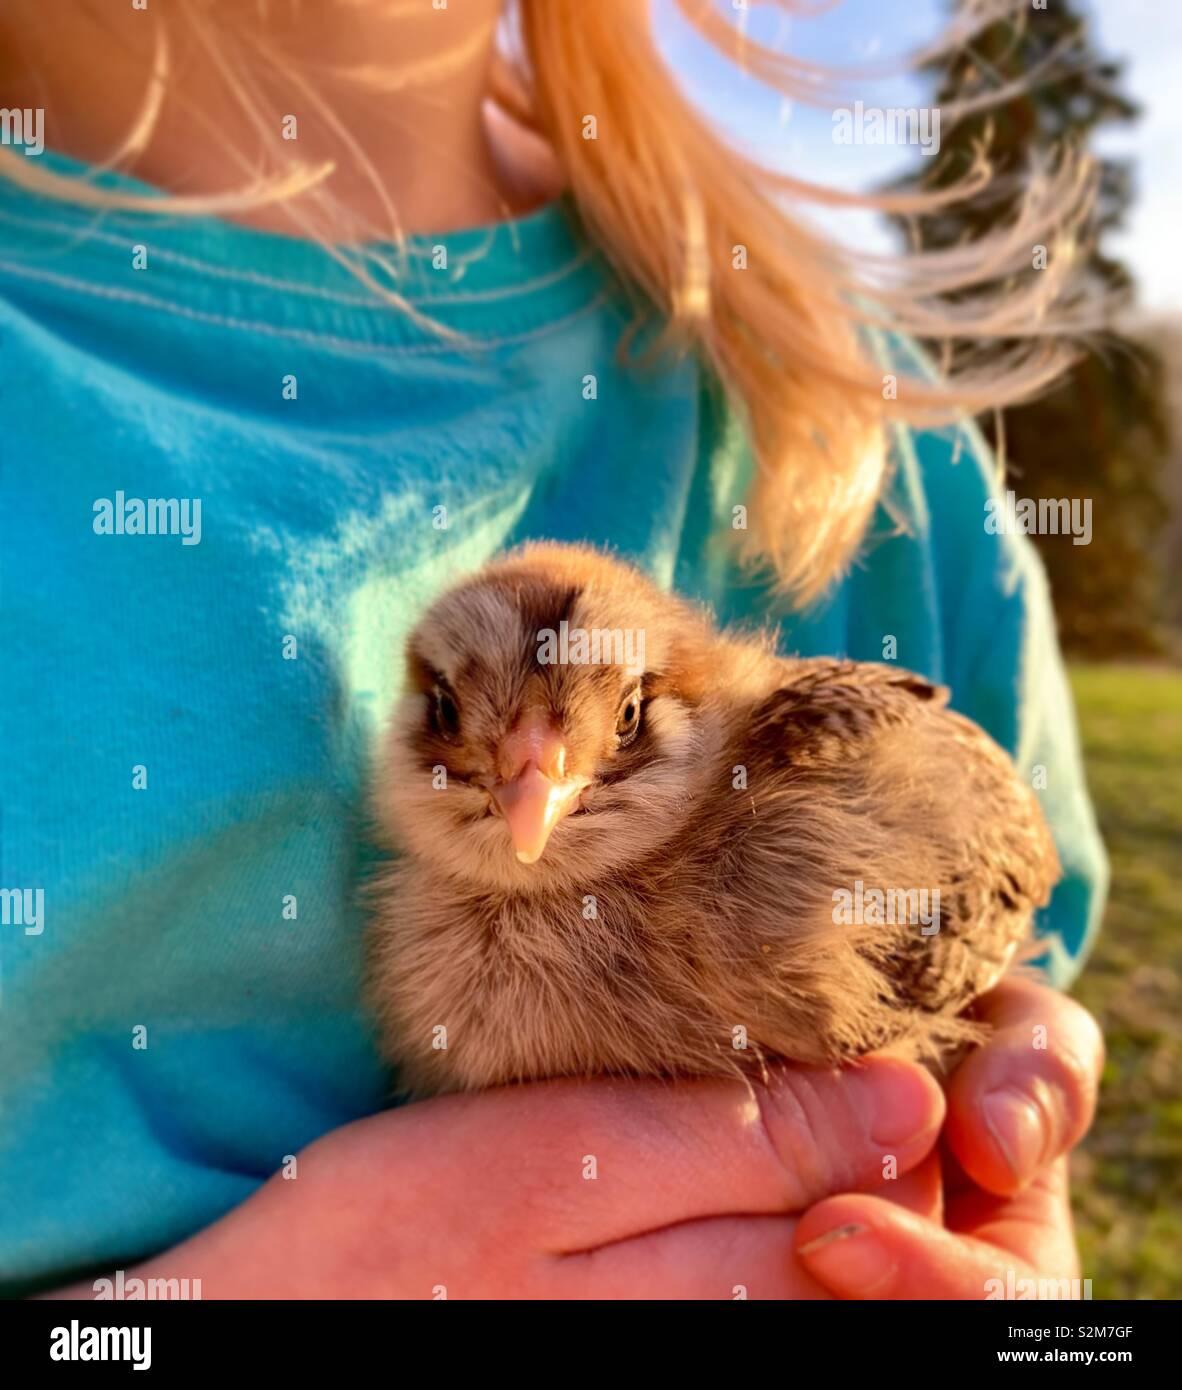 La ragazza con i capelli biondi tenendo un pulcino di bambino al di fuori alla luce del sole Foto Stock